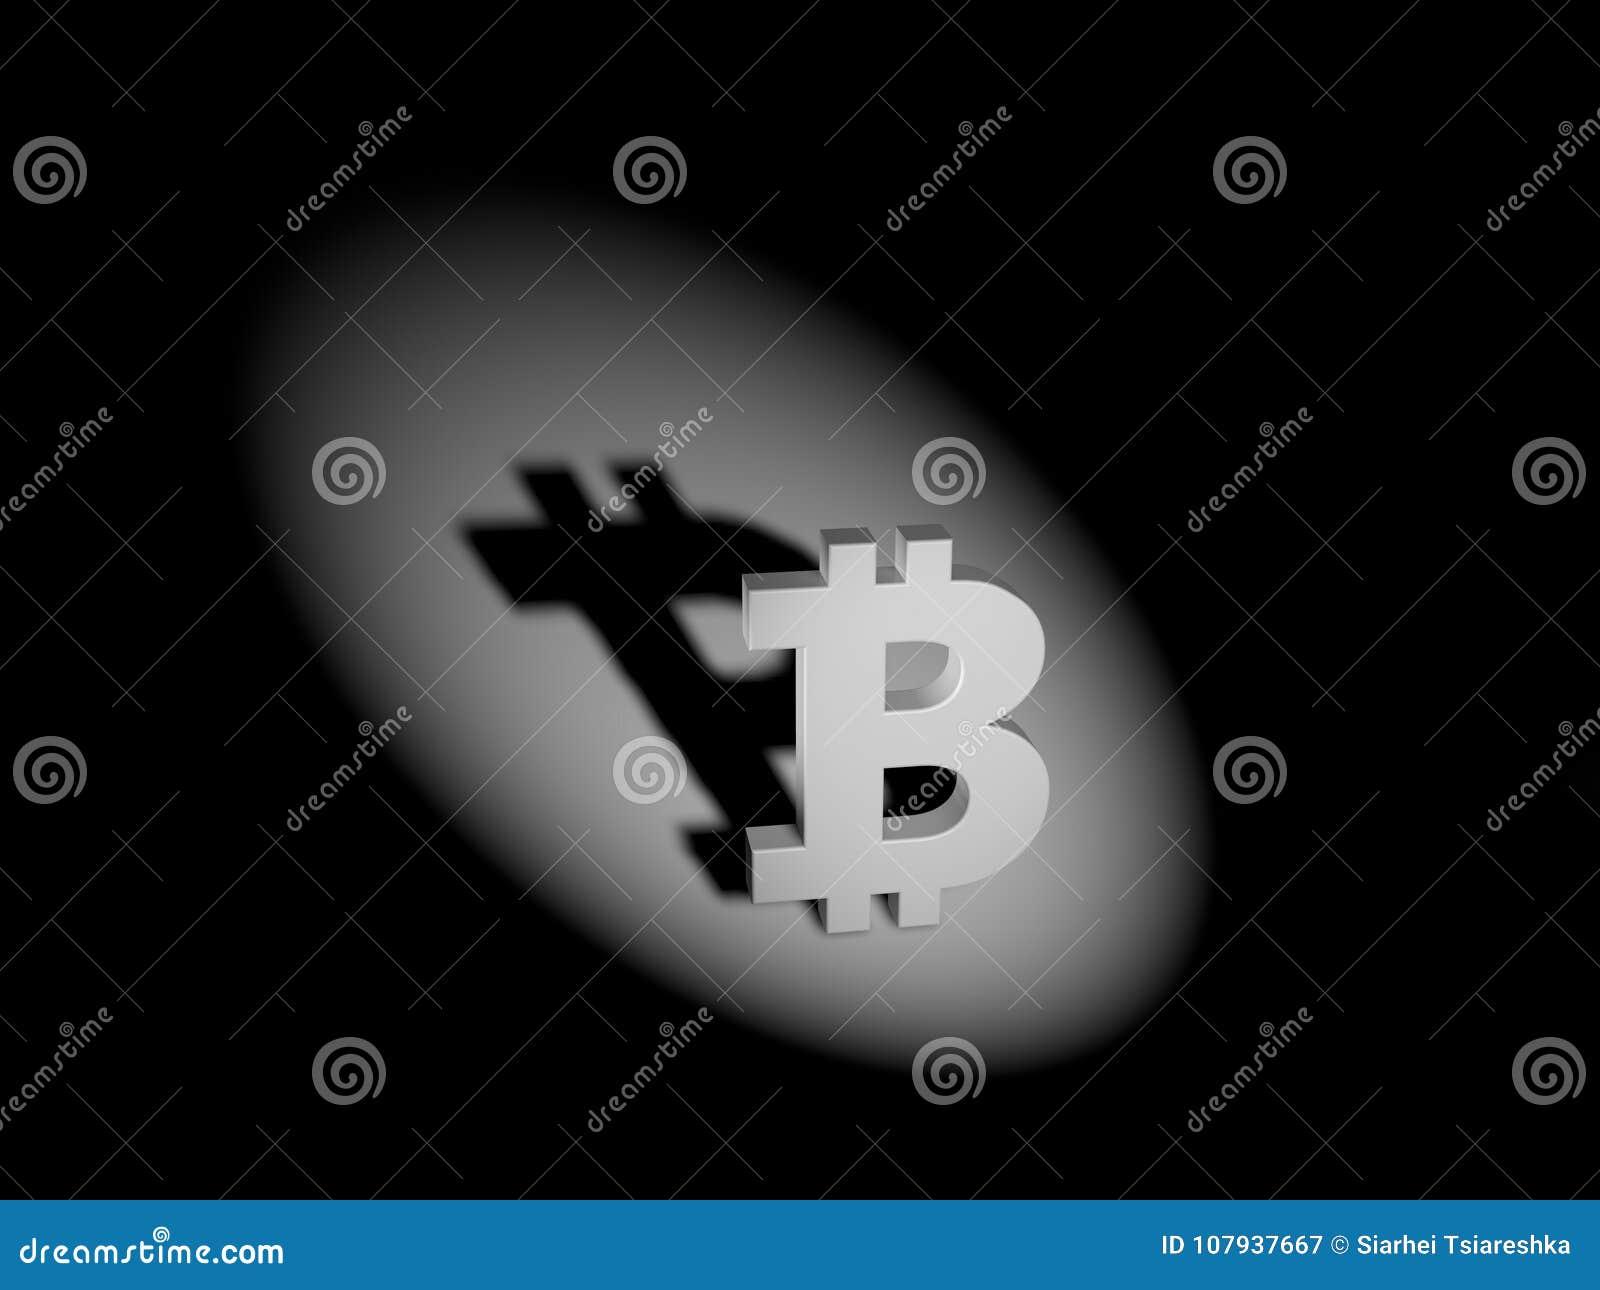 Метка Bitcoin концепция теневой экономики 3d